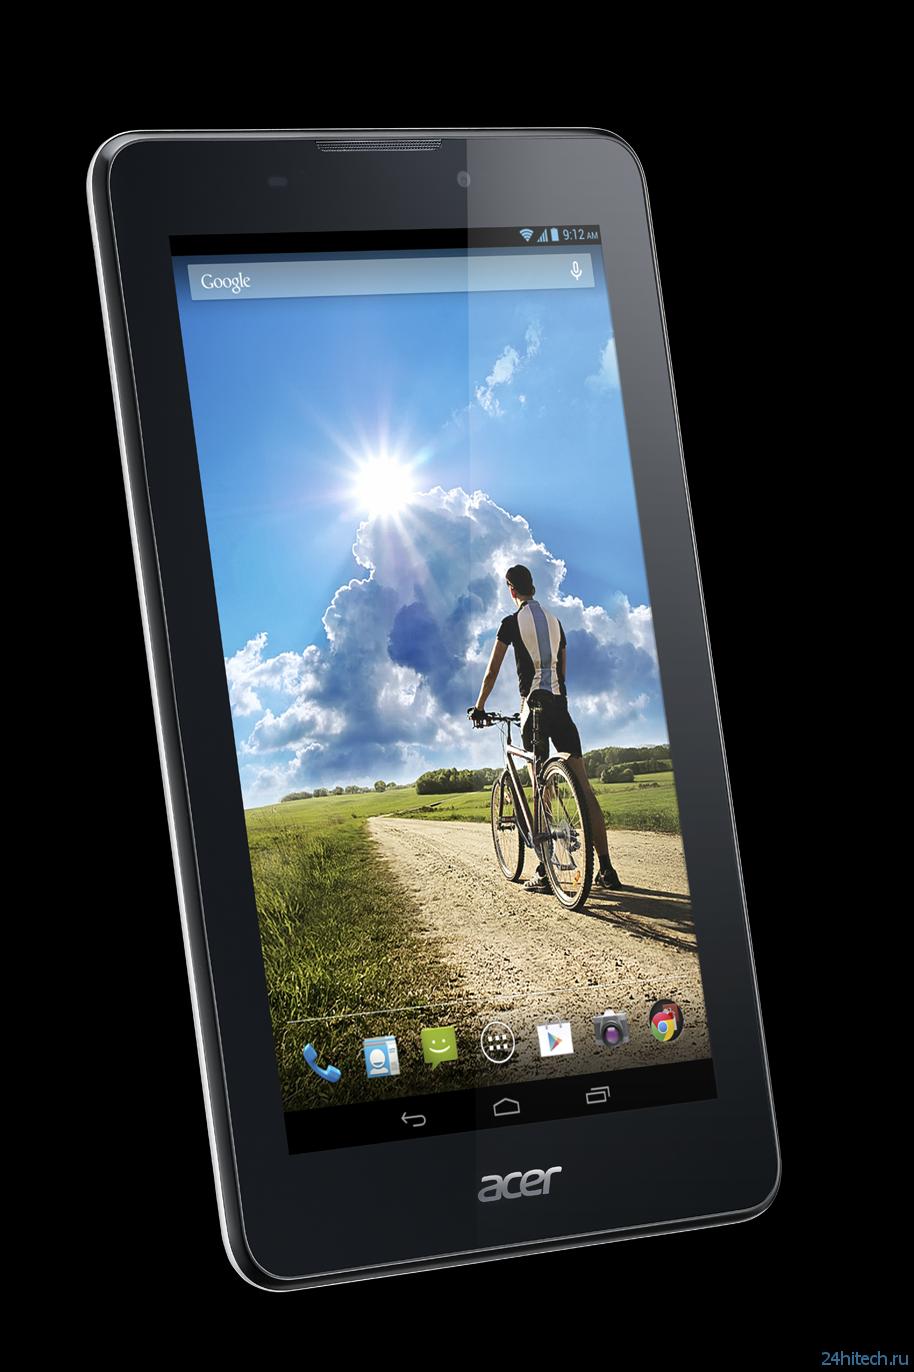 Acer Iconia Tab 7 — мощный планшет и телефон в одном устройстве